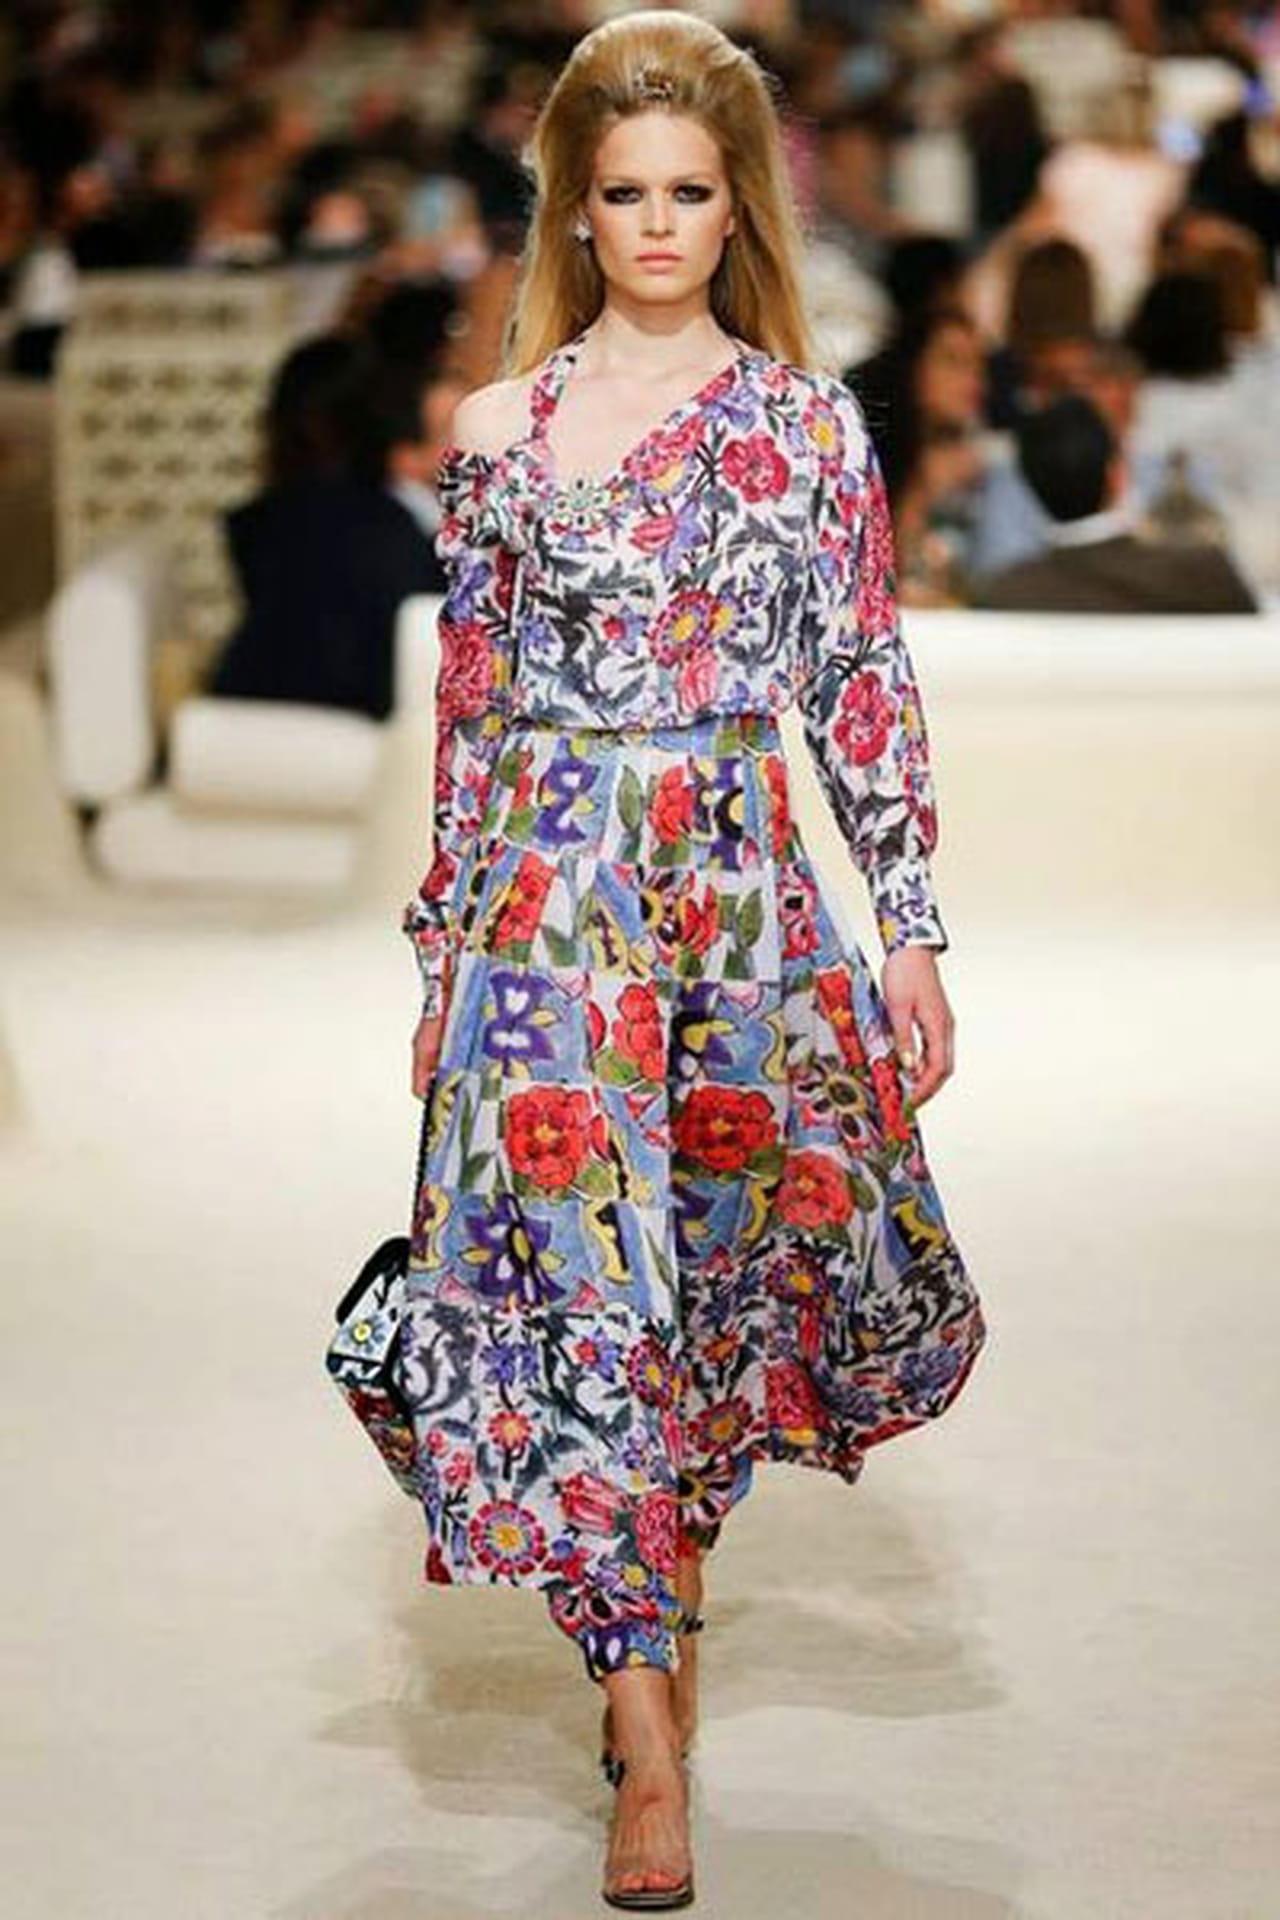 ffd9a838900b4 تصاميم ساحرة للعطلات وتشكيلة ازياء شانيل Chanel كروز 2015.